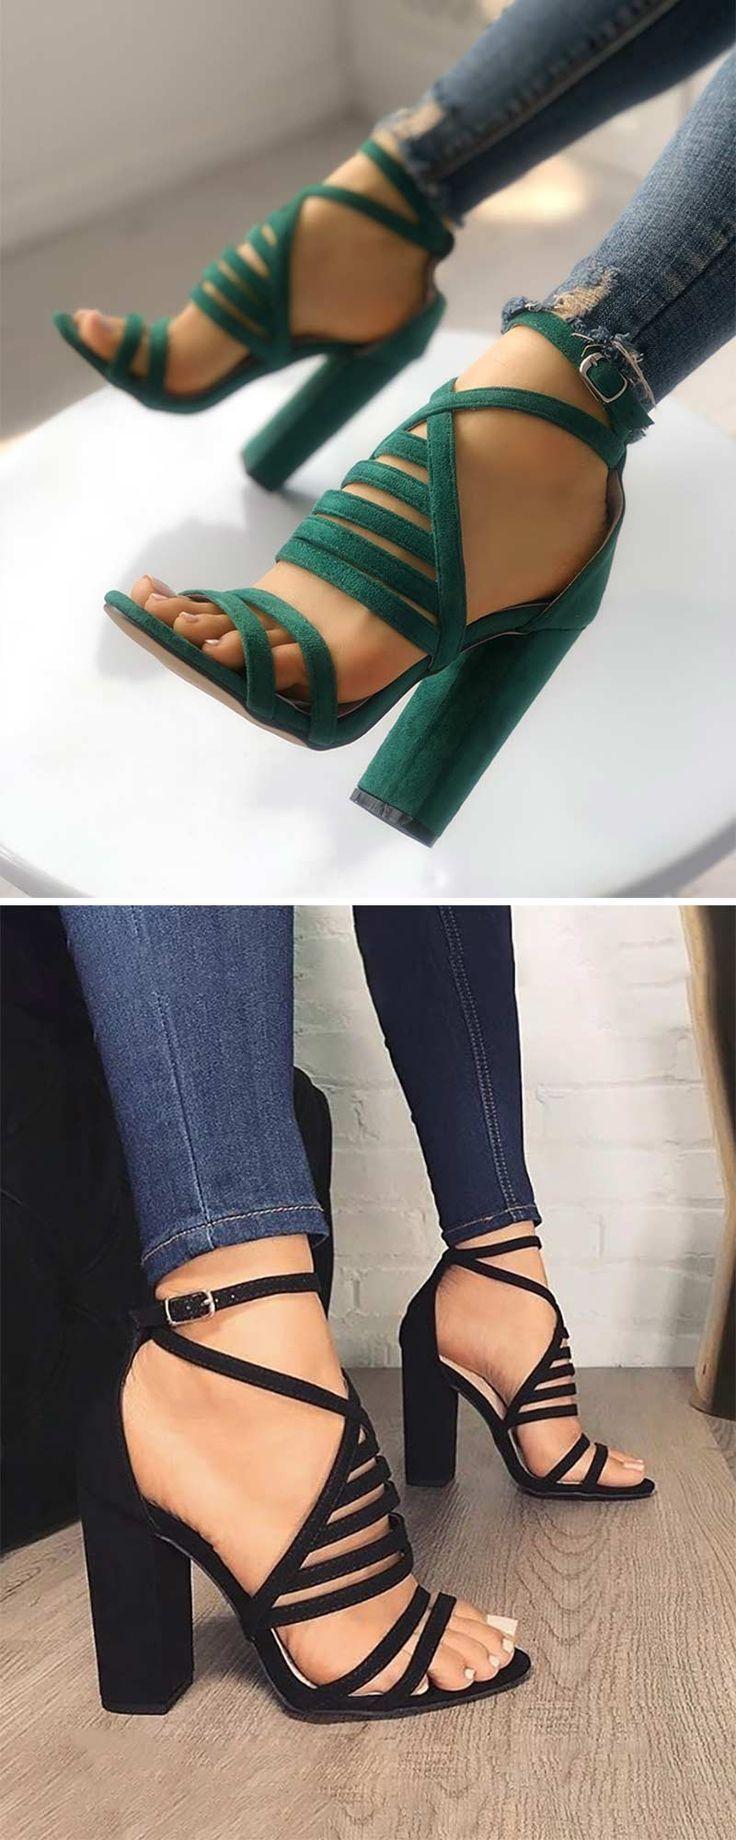 Heels, Stiletto sandals, Strappy heels